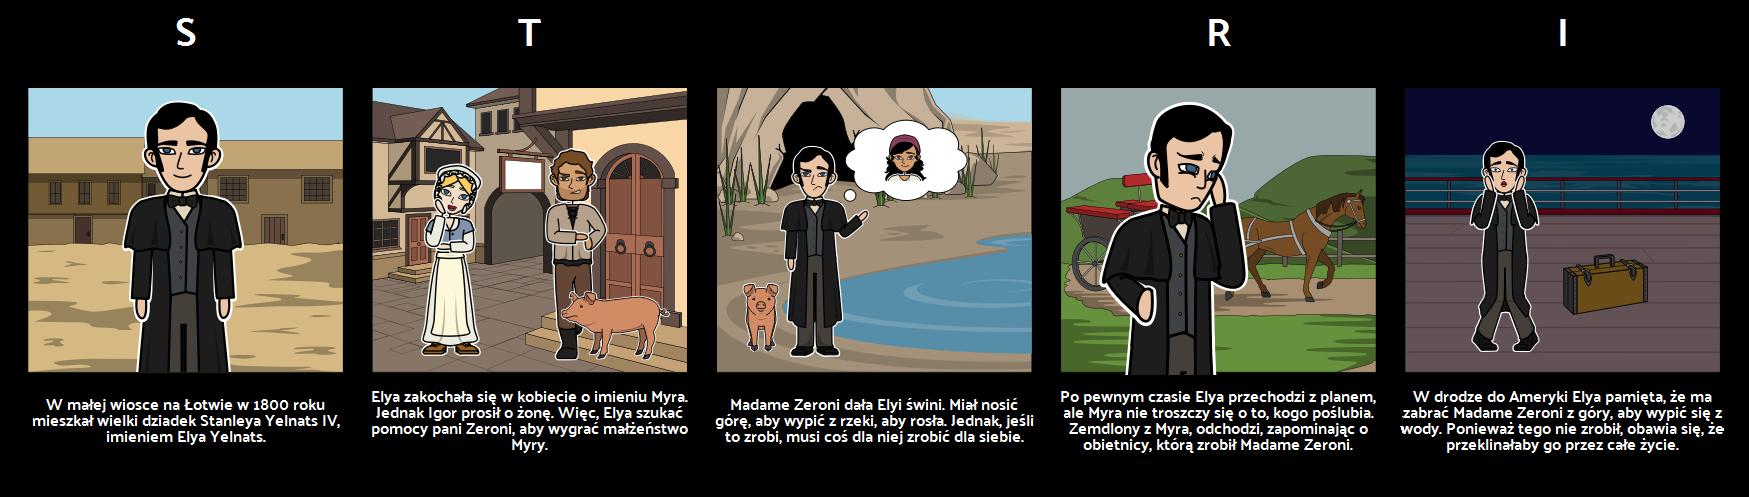 Otwory - Opowieść o Jeleniejkach Elya